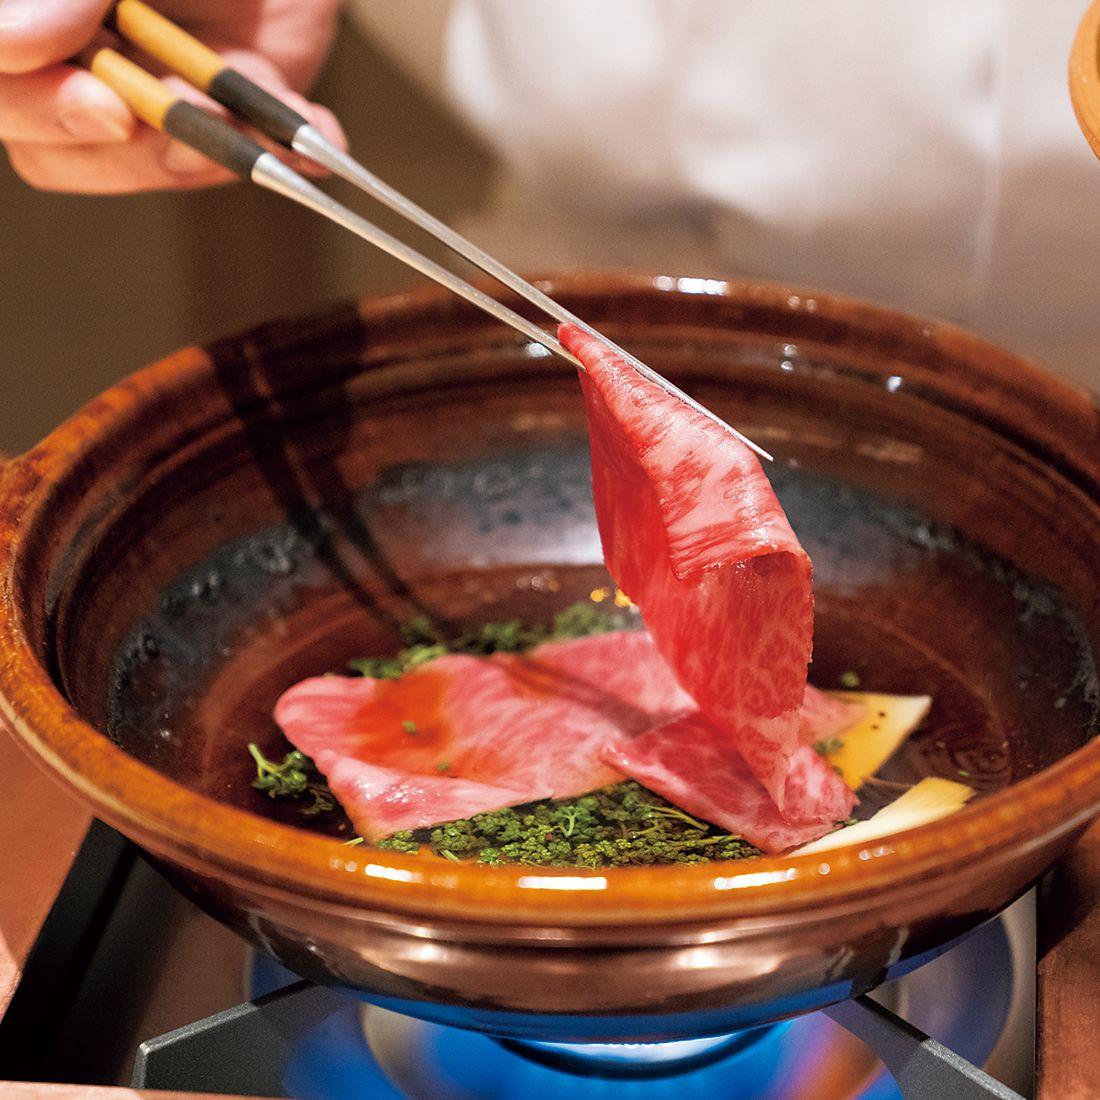 春に旬を迎える花山椒を味わってほしいと、和牛のザブトンと一緒に甘辛いタレに絡める。爽やかな花山椒が肉の旨みを際立たせる。